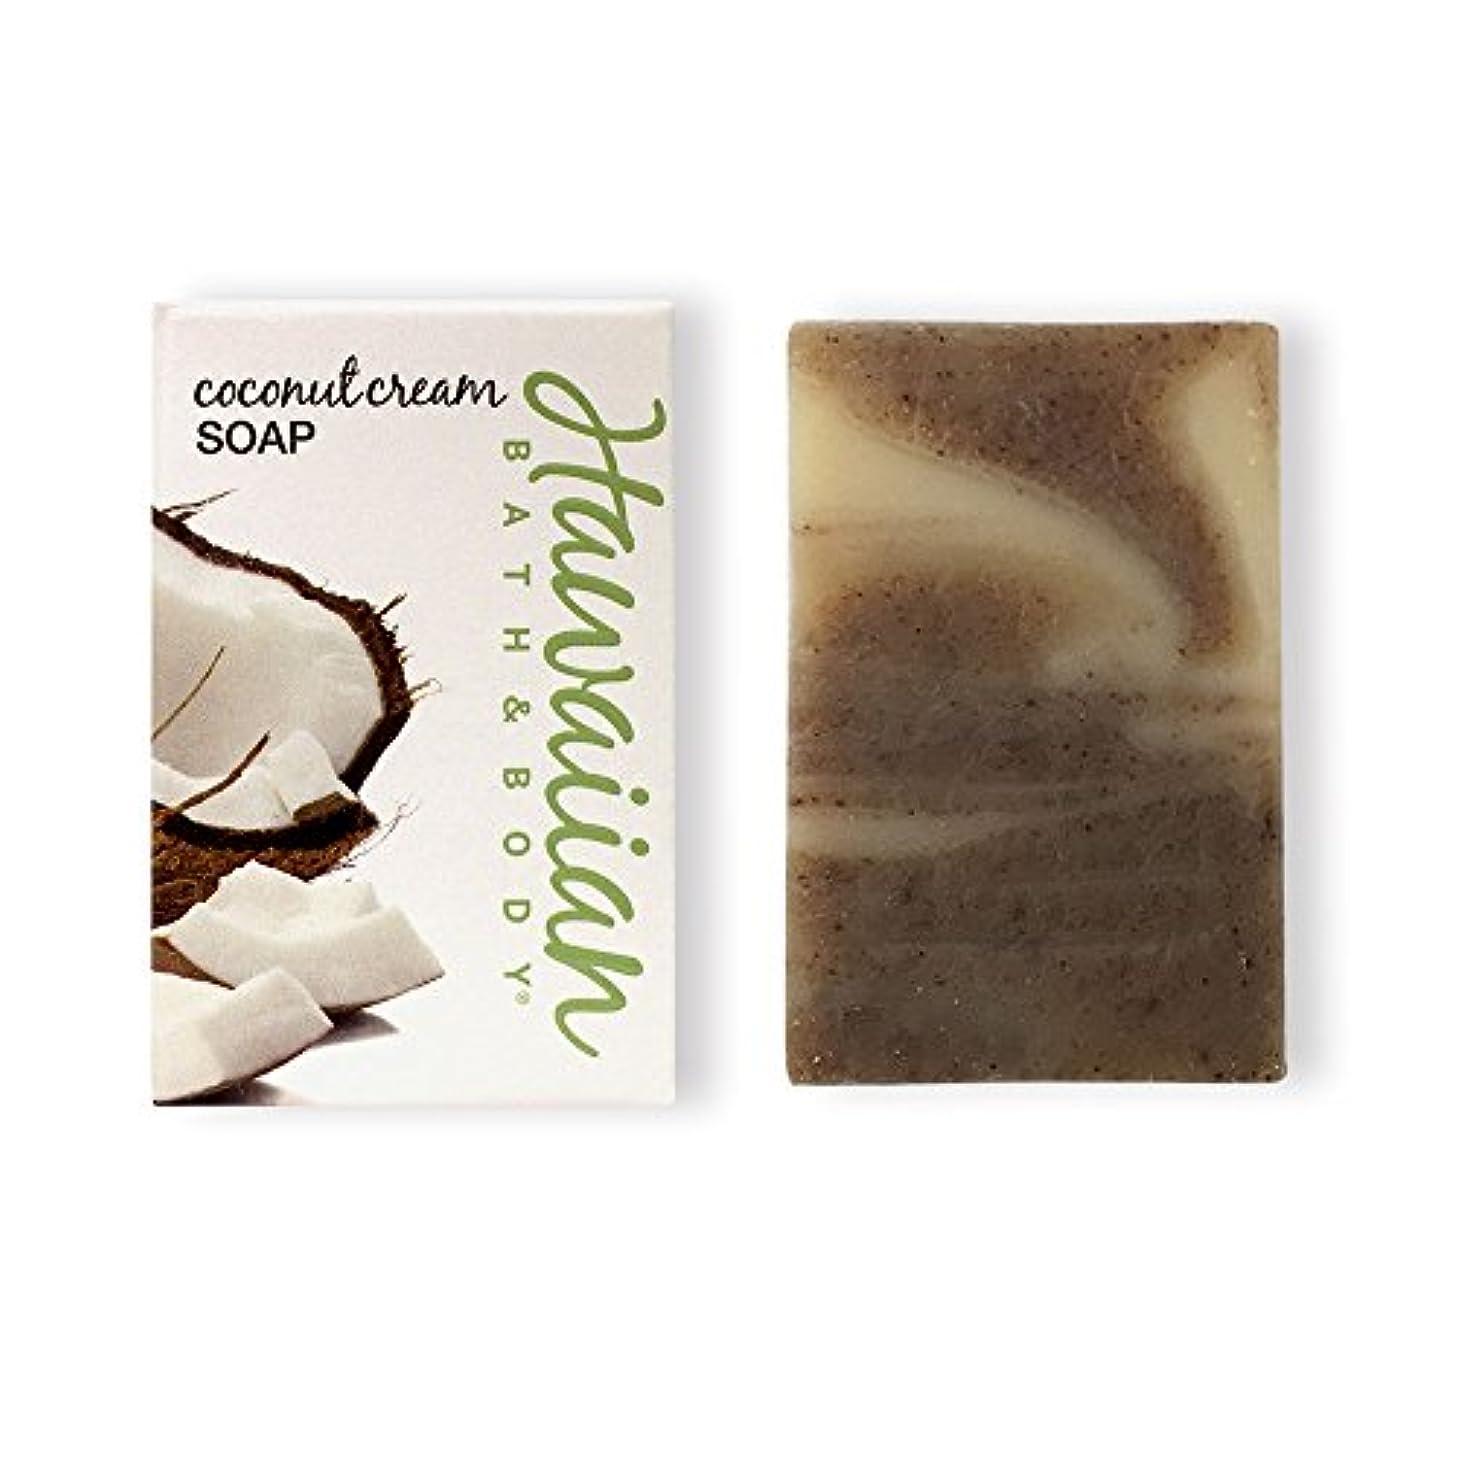 ハワイアンバス&ボディ ココナッツクリームソープ ( Coconut Soap )